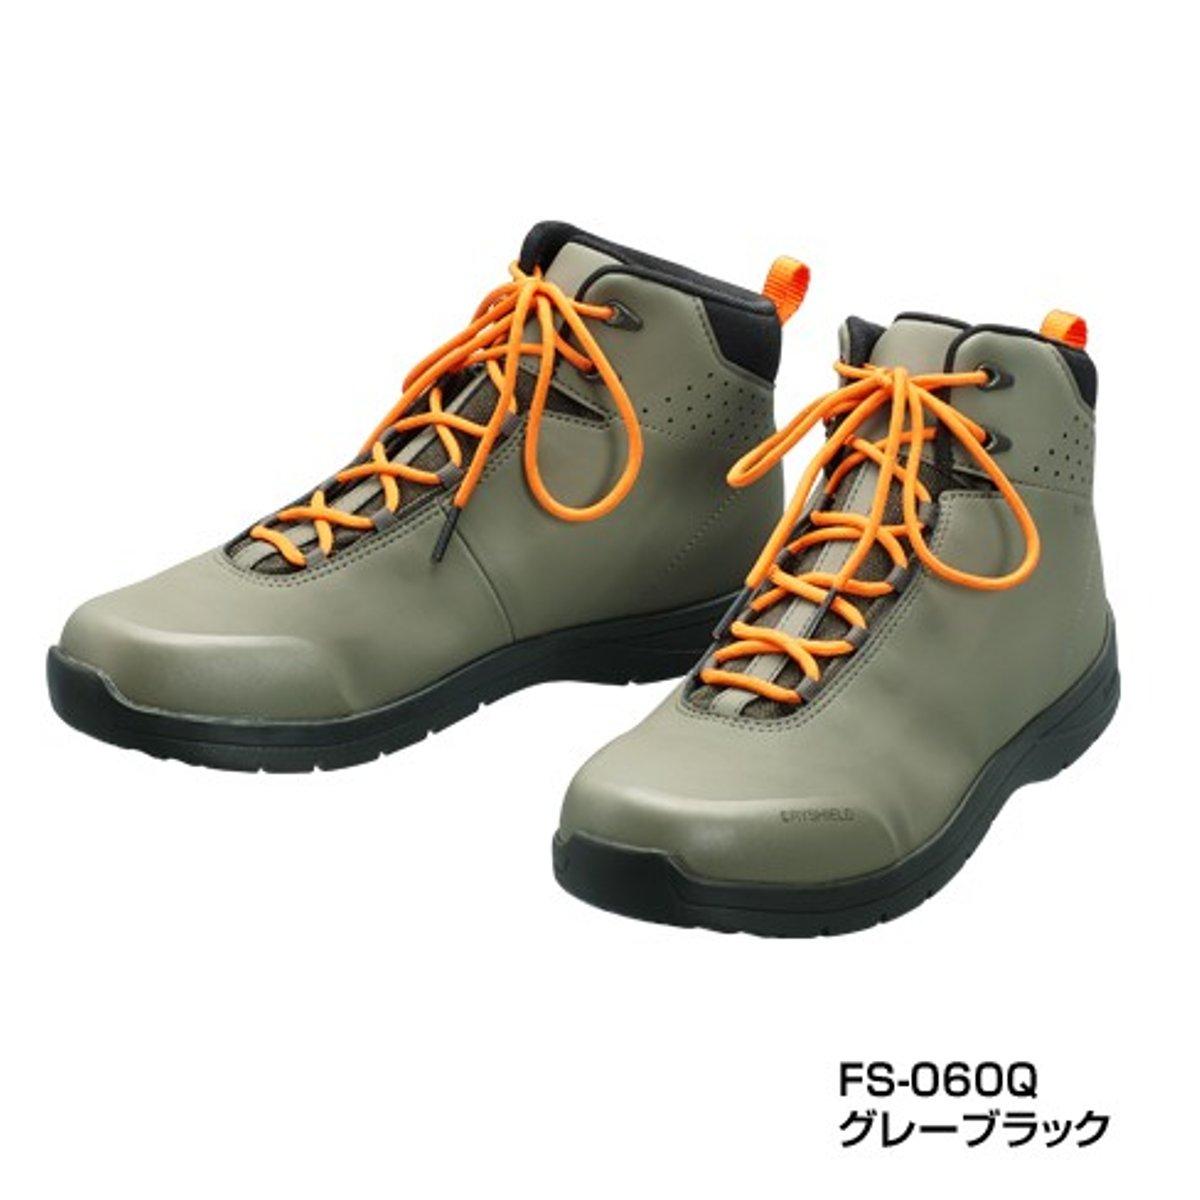 シマノ ドライシールド・ラジアルスパイクシューズ(ハイカットタイプ) FS-060Q 28.0cm グレーブラック